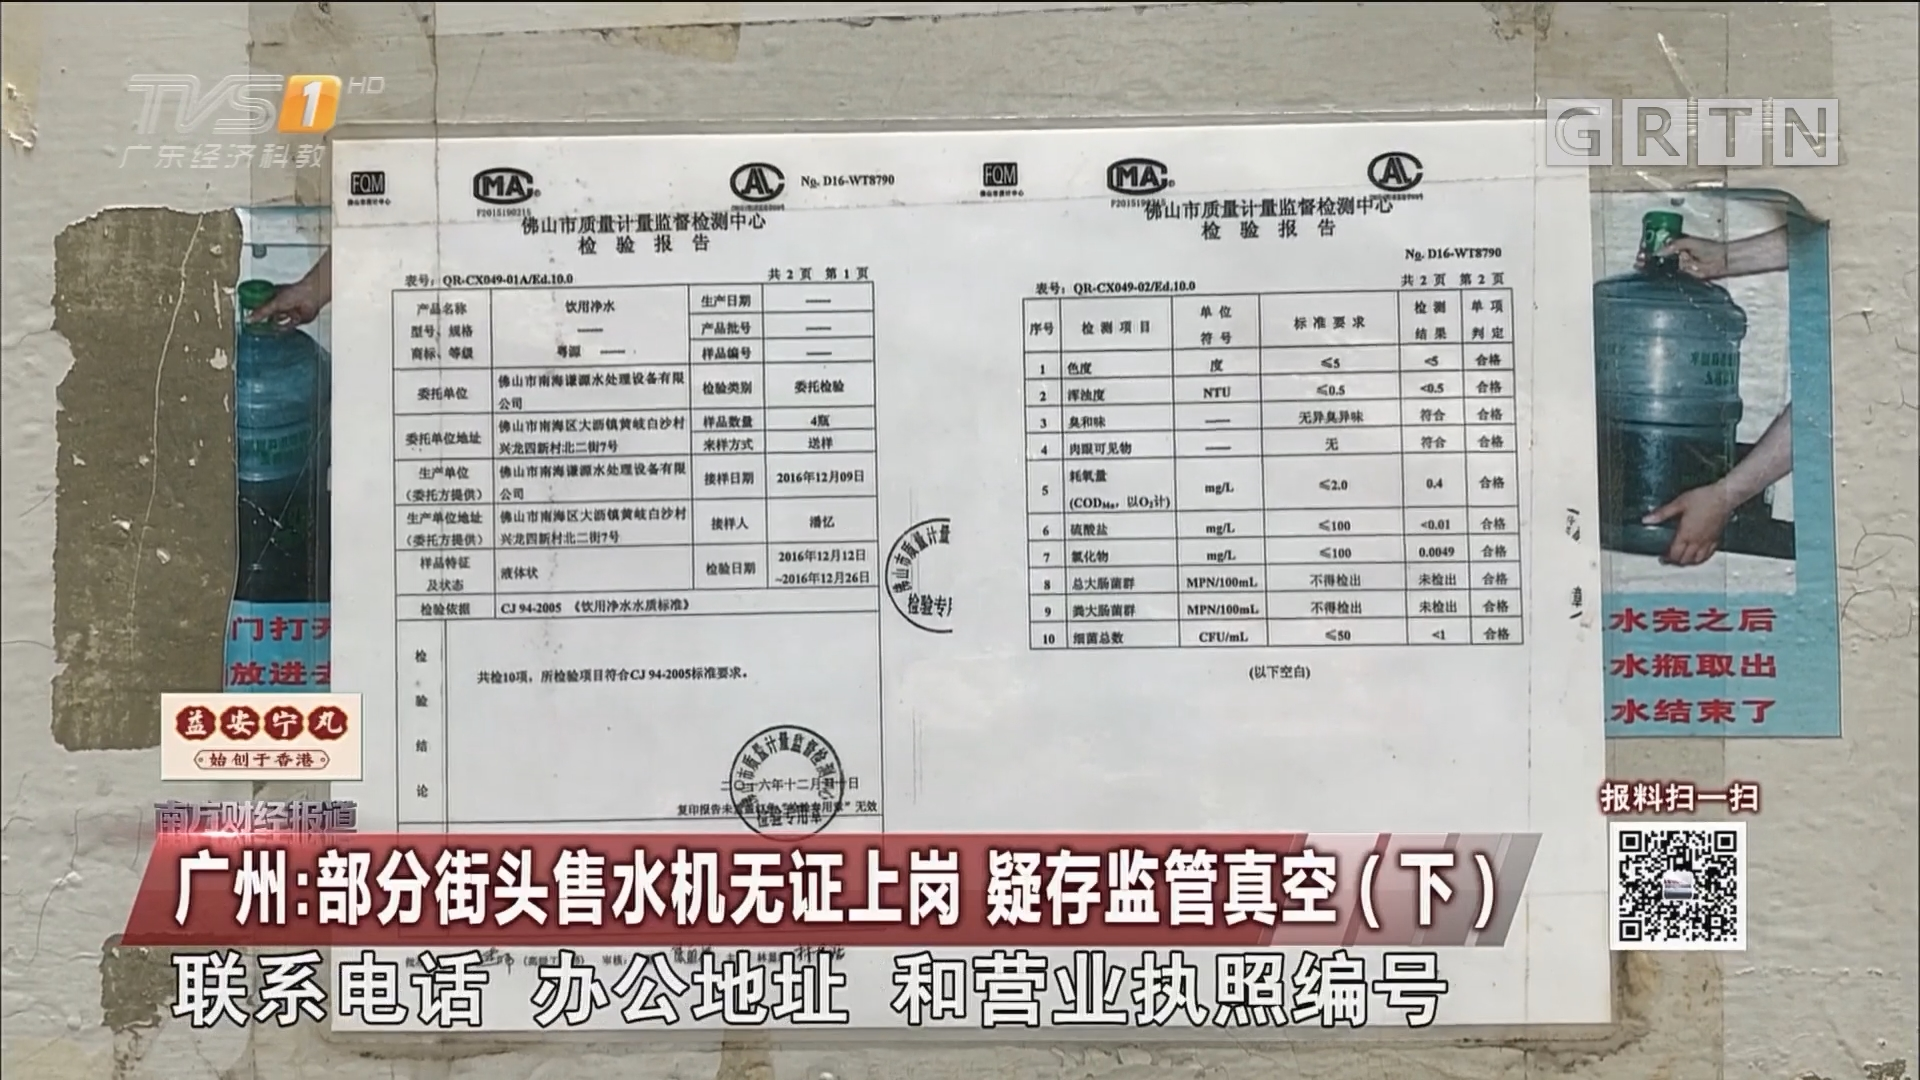 广州:部分街头售水机无证上岗 疑存监管真空(下)